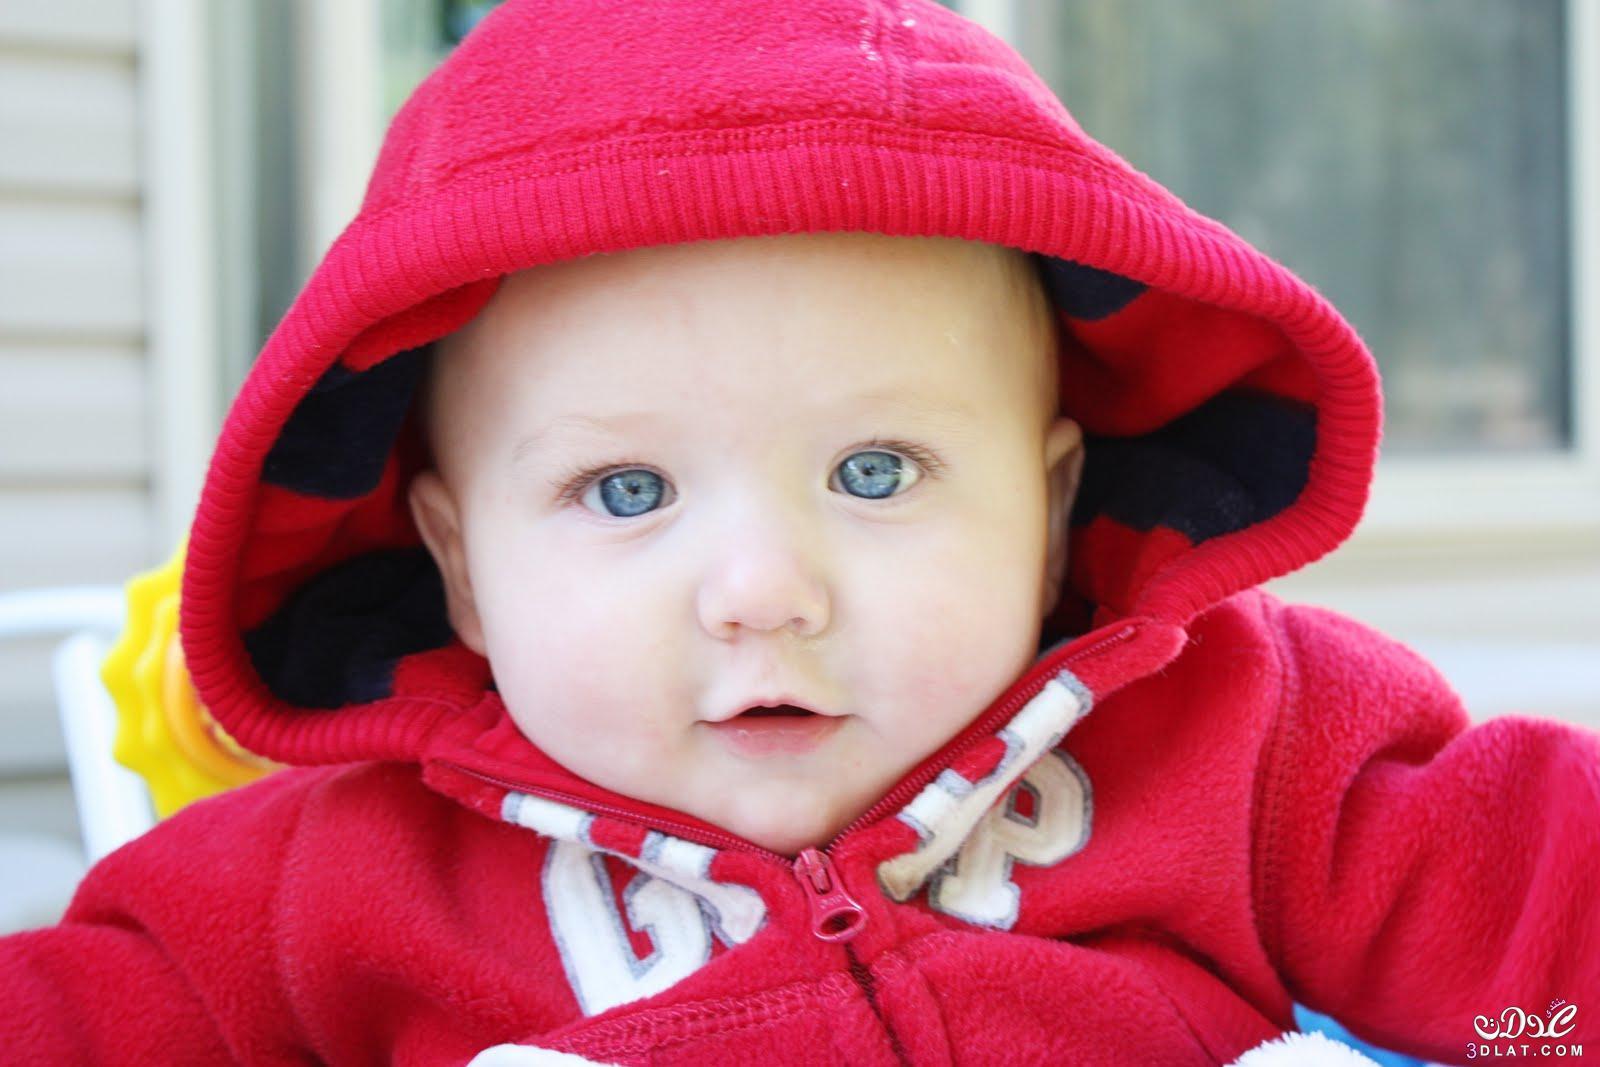 بالصور كلام عن براءة الاطفال , اجمل العبارات التي تصف براءة الاطفال 11472 2